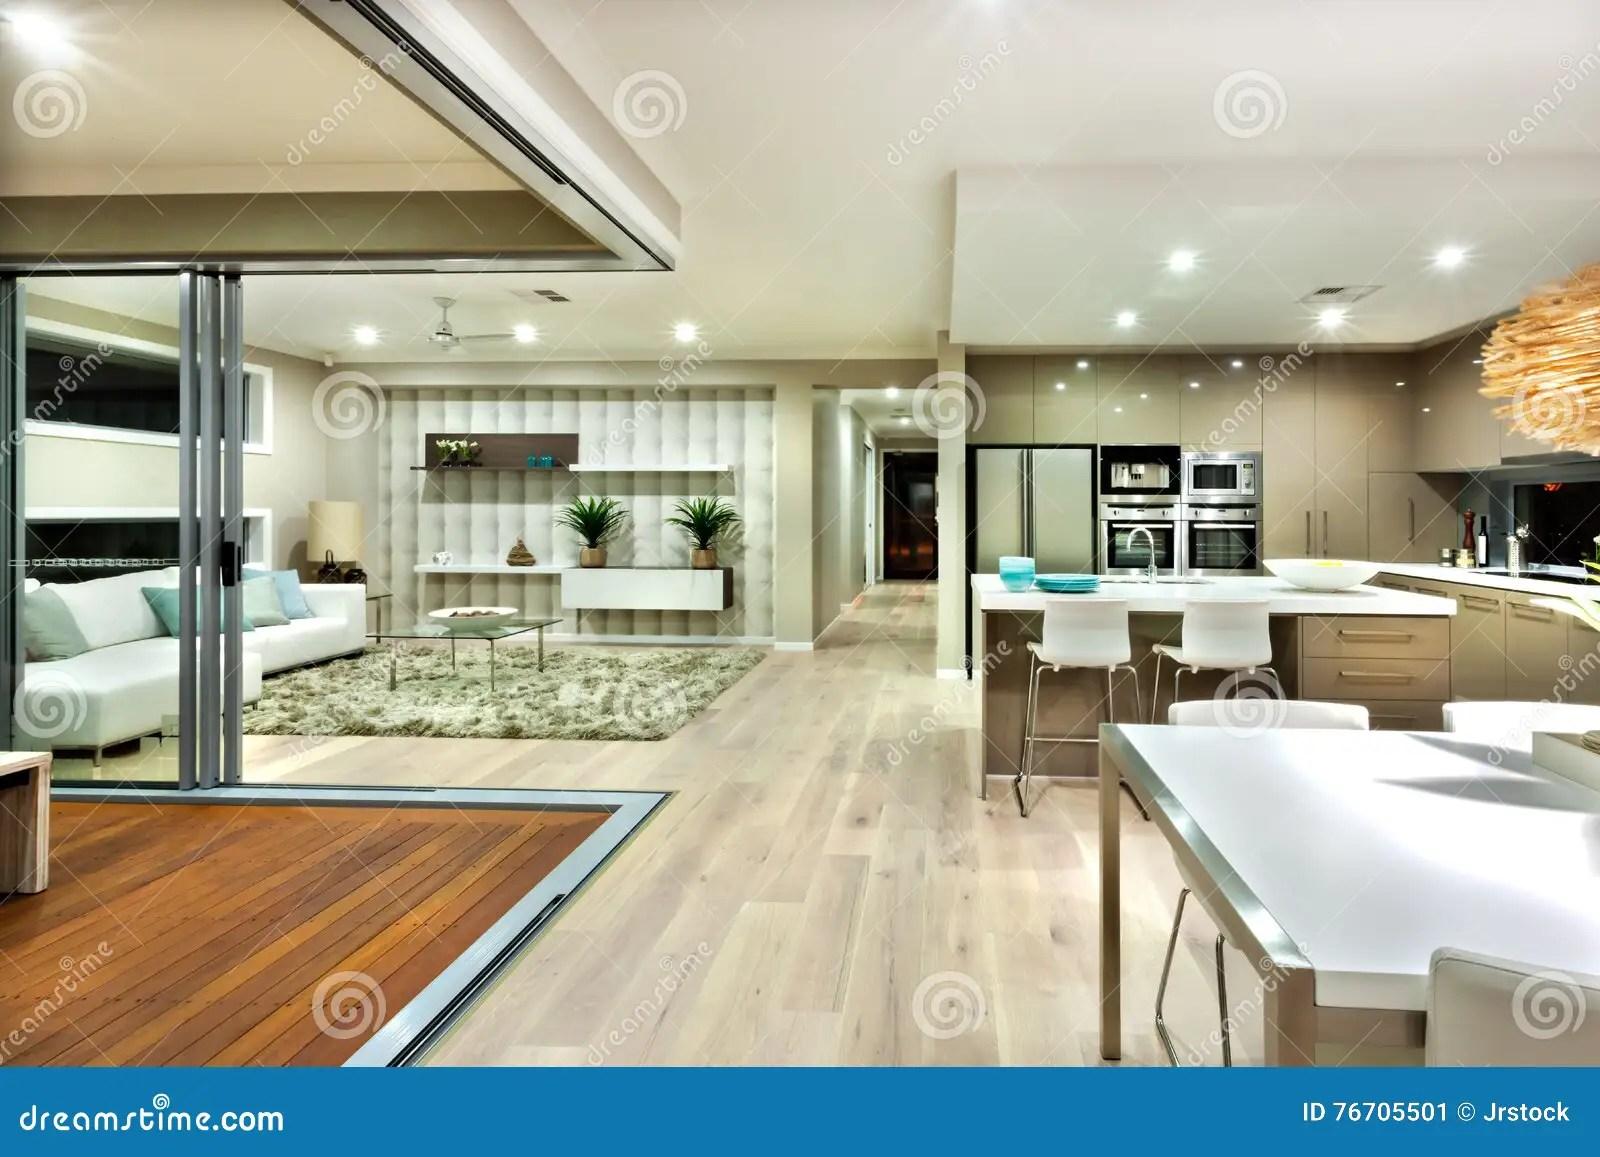 innenpanorama des modernen hauses mit kuche und dem wohnzimmer stockbild bild von hauses innenpanorama 76705501